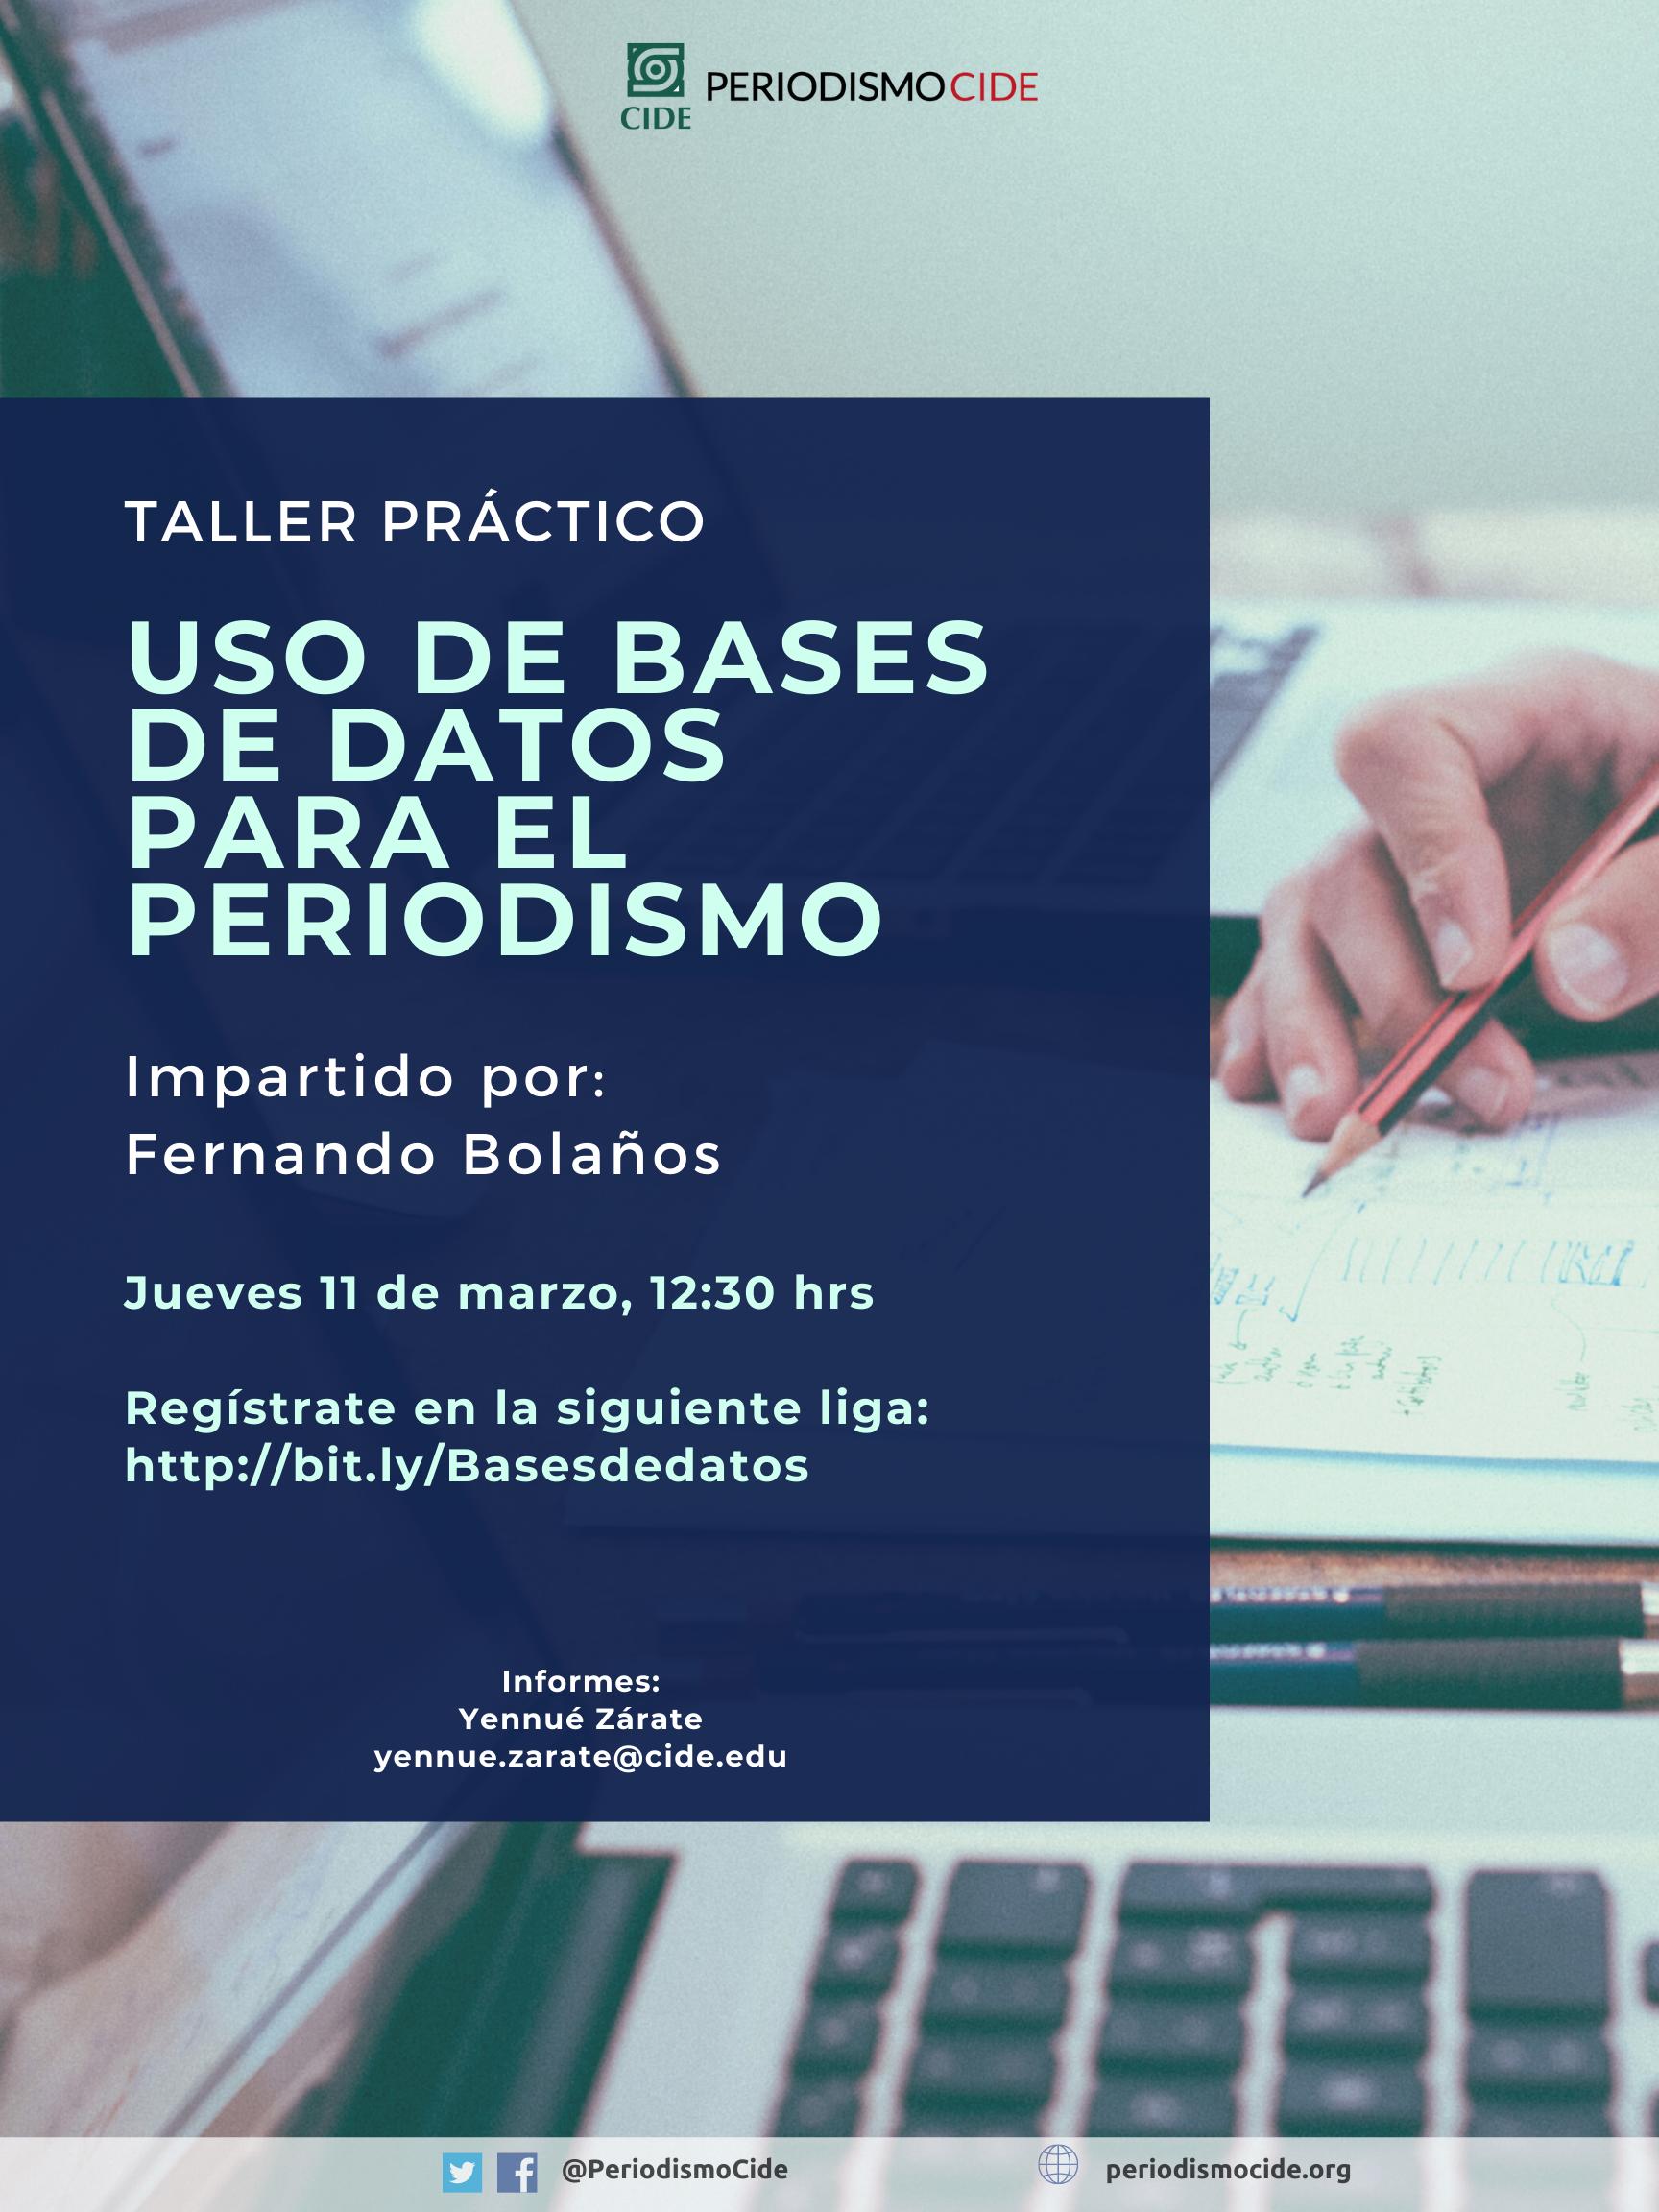 Taller Práctico: Uso de Bases de Datos para Periodismo